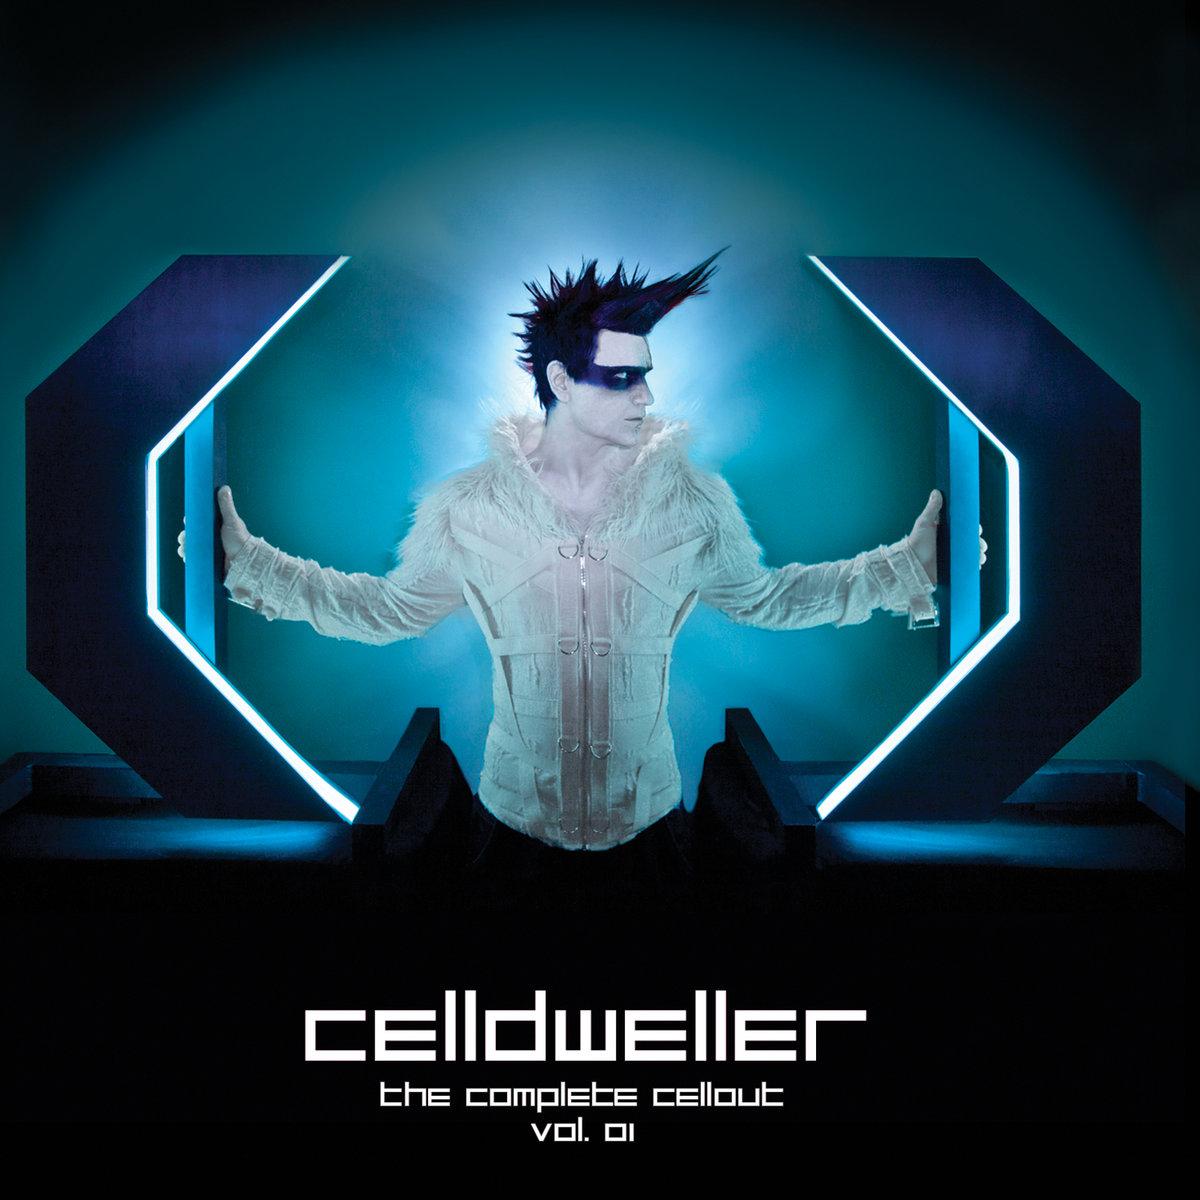 celldweller cellout ep 01